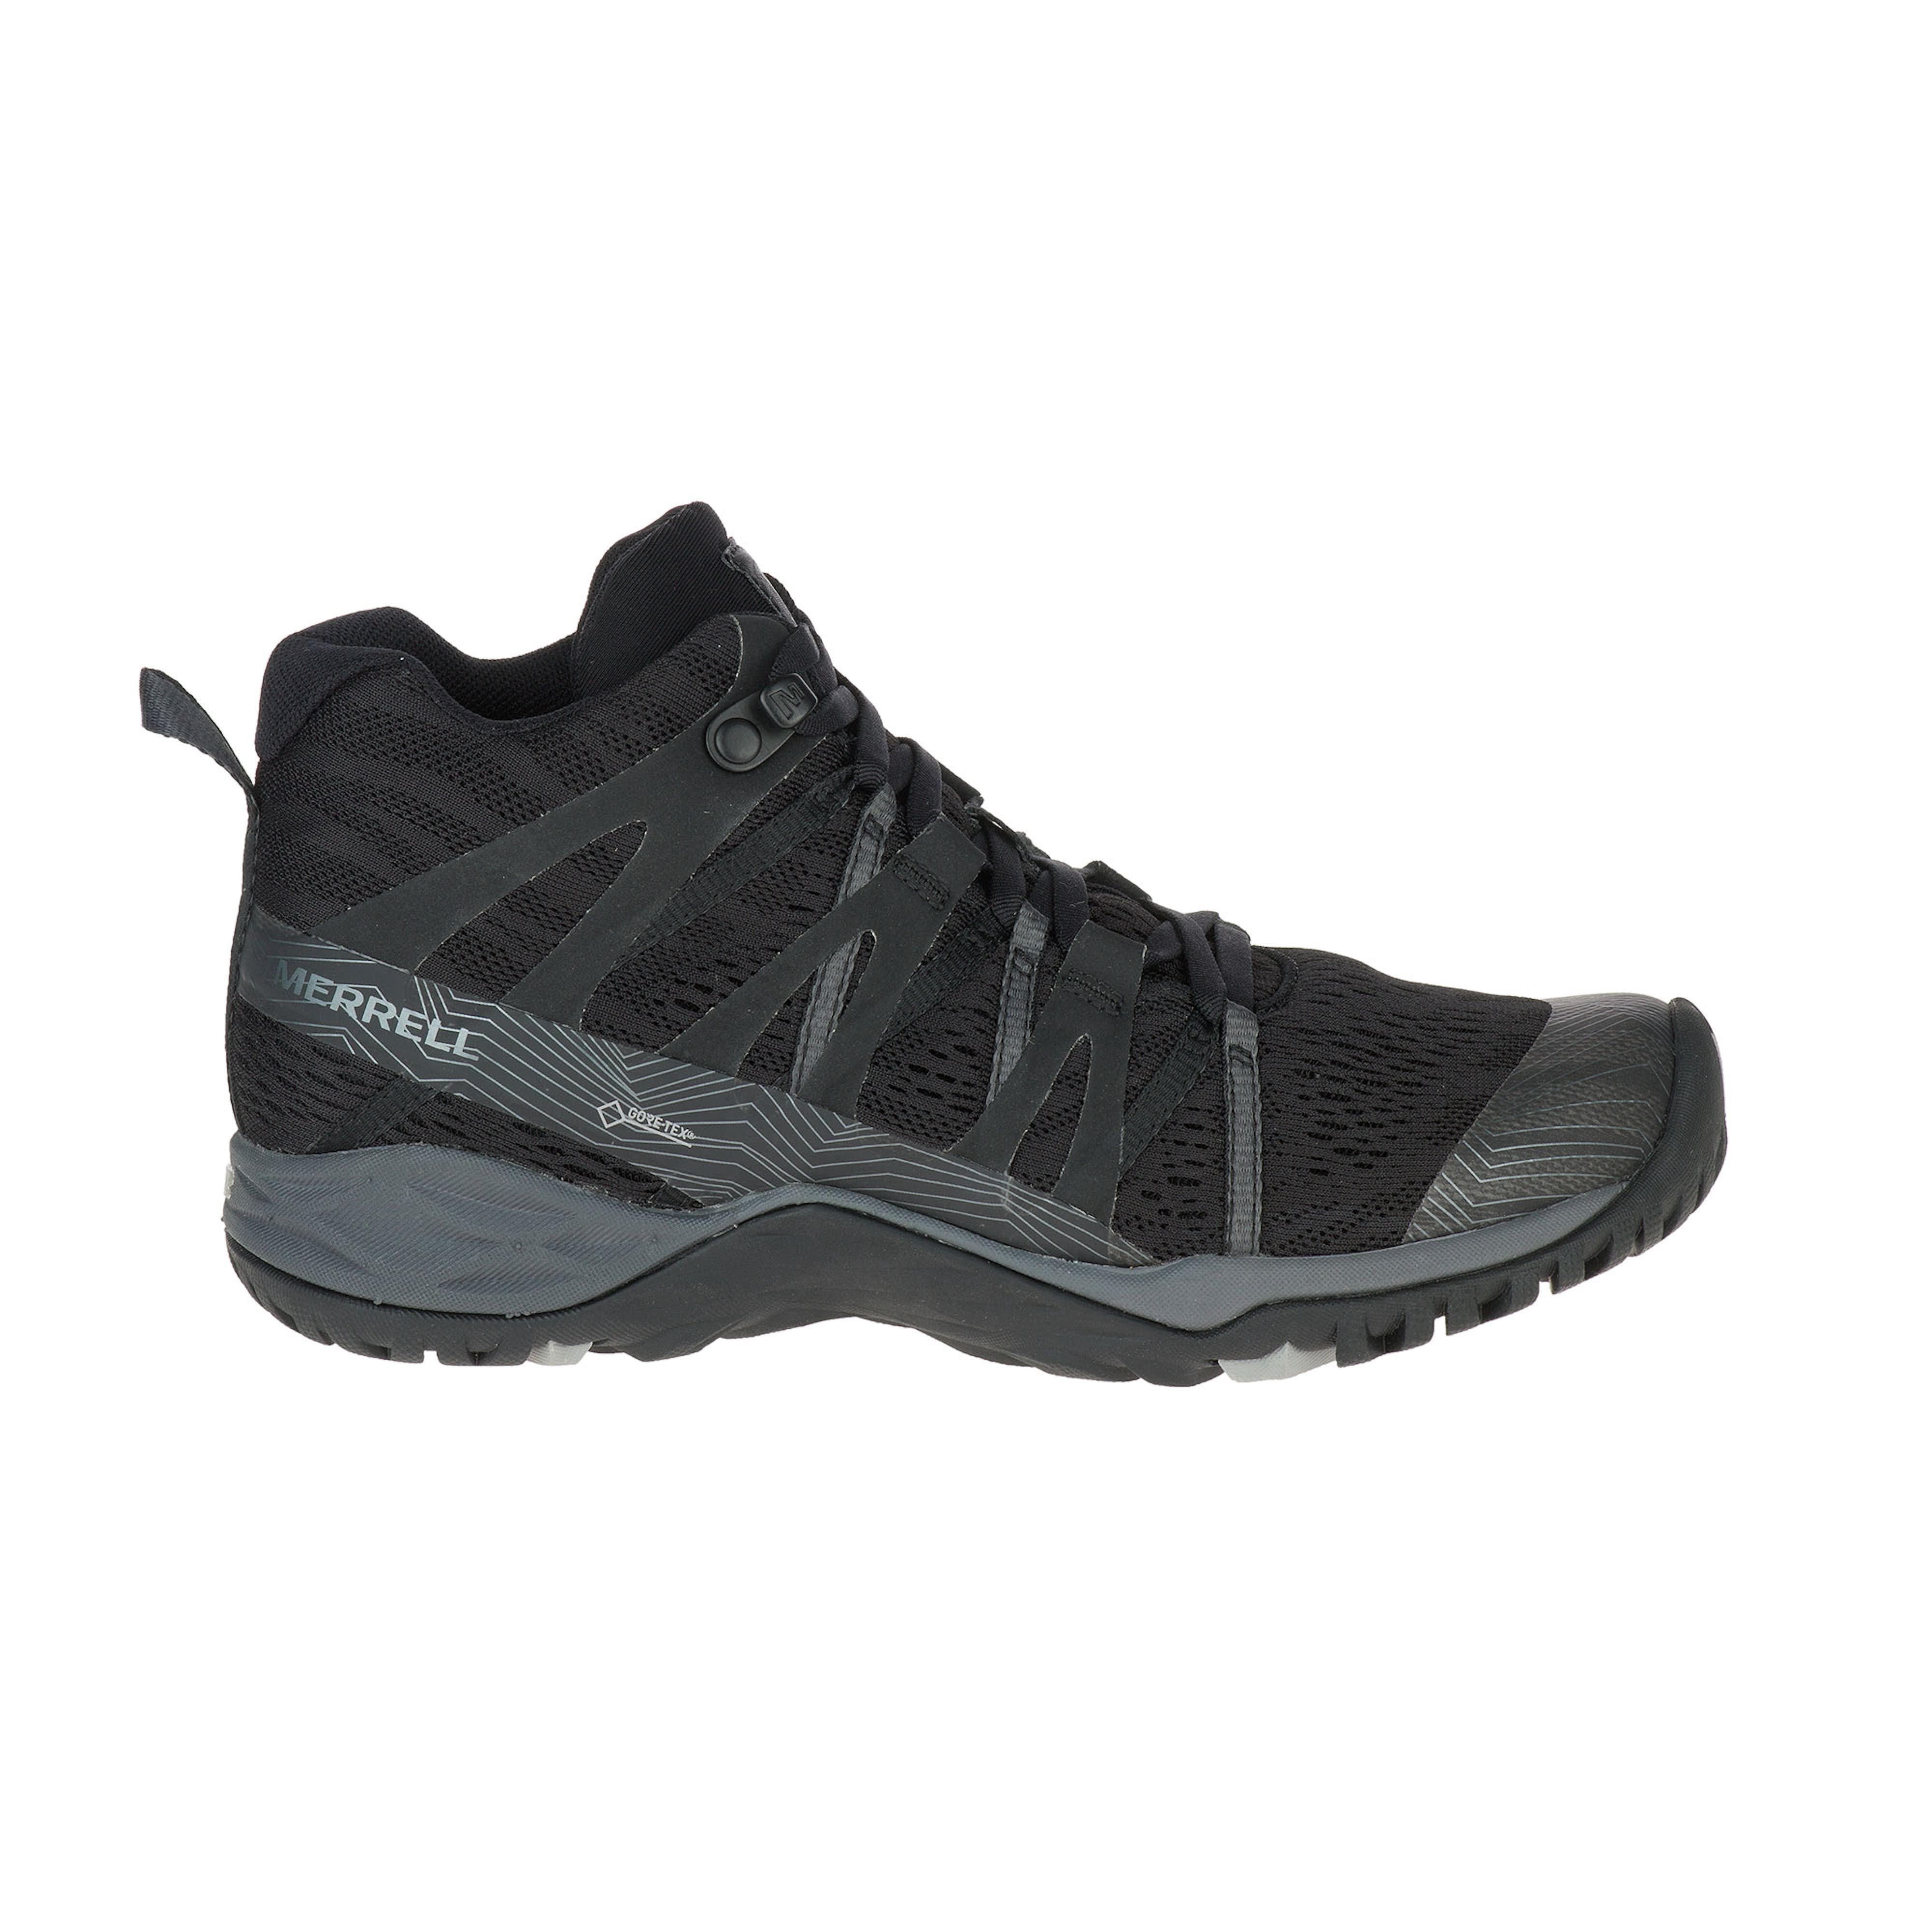 32de53577ffe0 Merrell Women's Siren Hex Q2 Mid E-Mesh Gore-Tex Hiking Boots